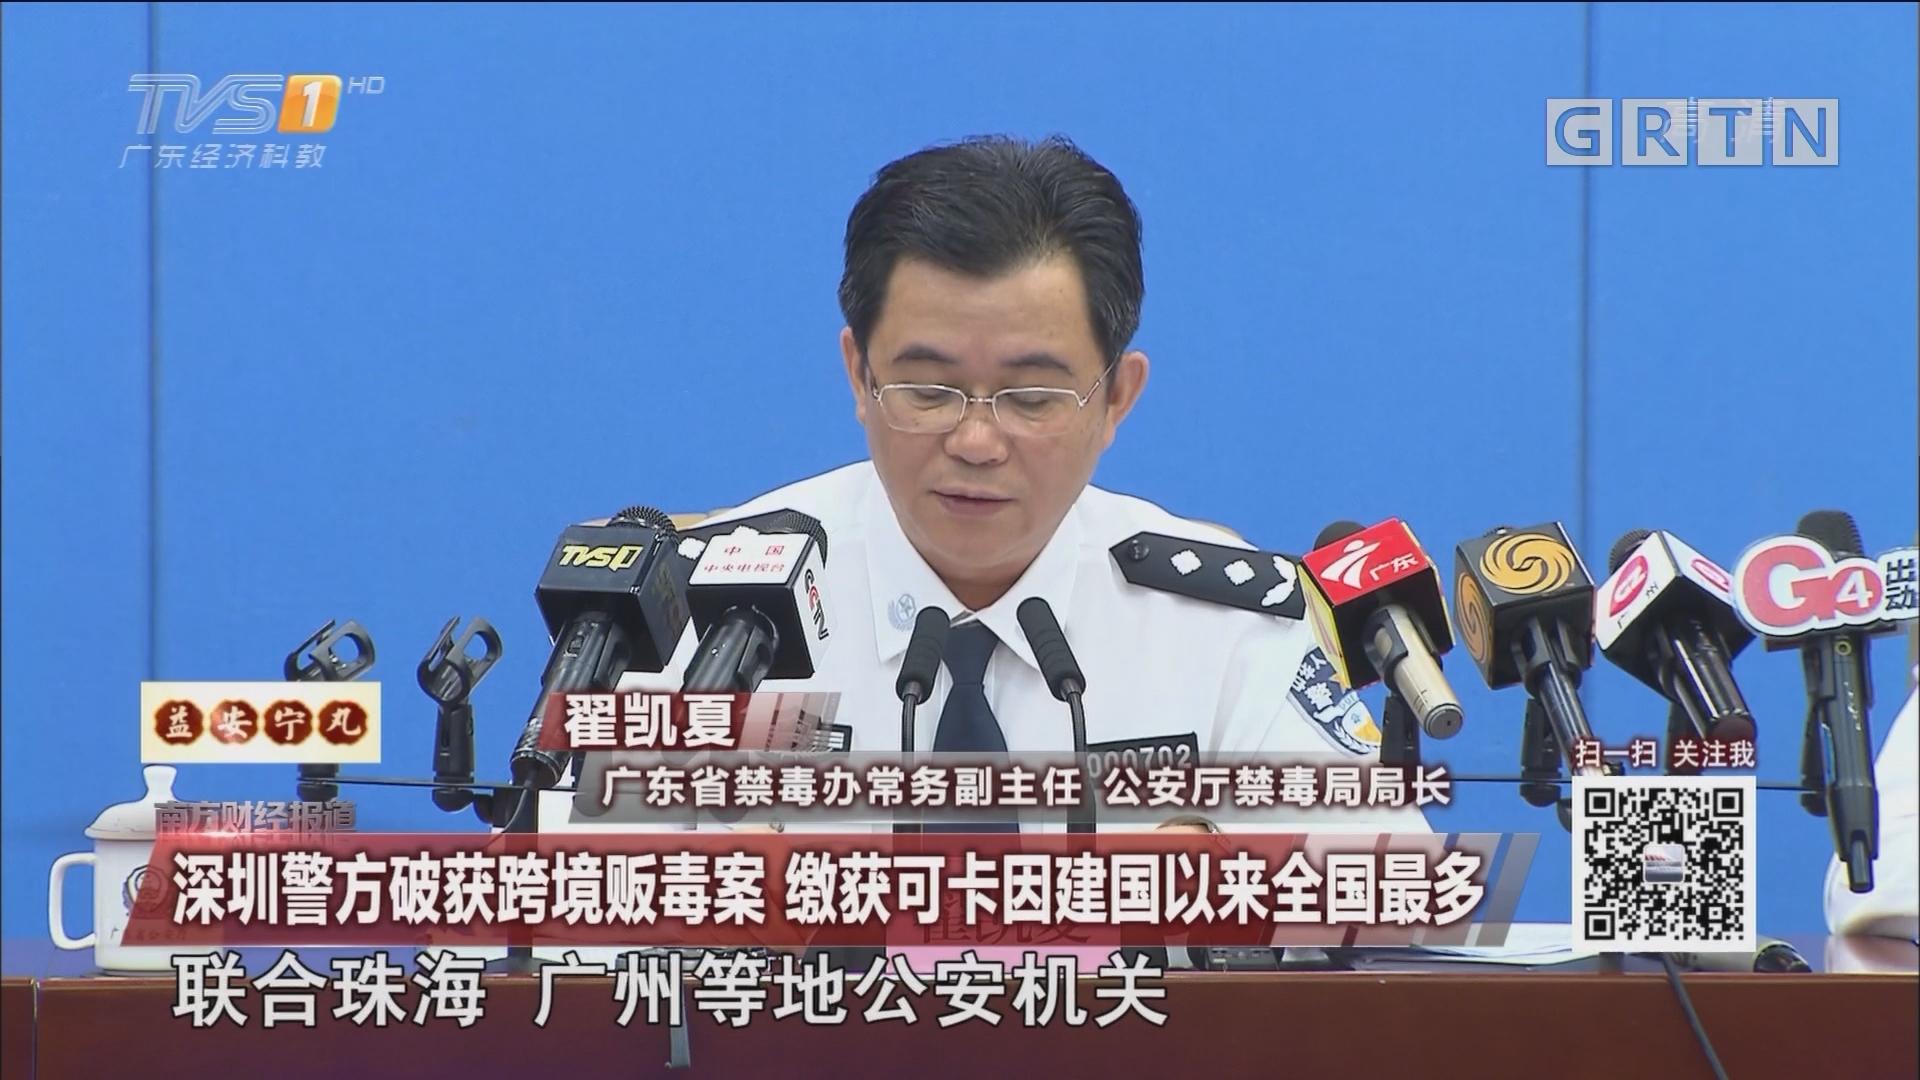 深圳警方破获跨境贩毒案 缴获可卡因建国以来全国最多